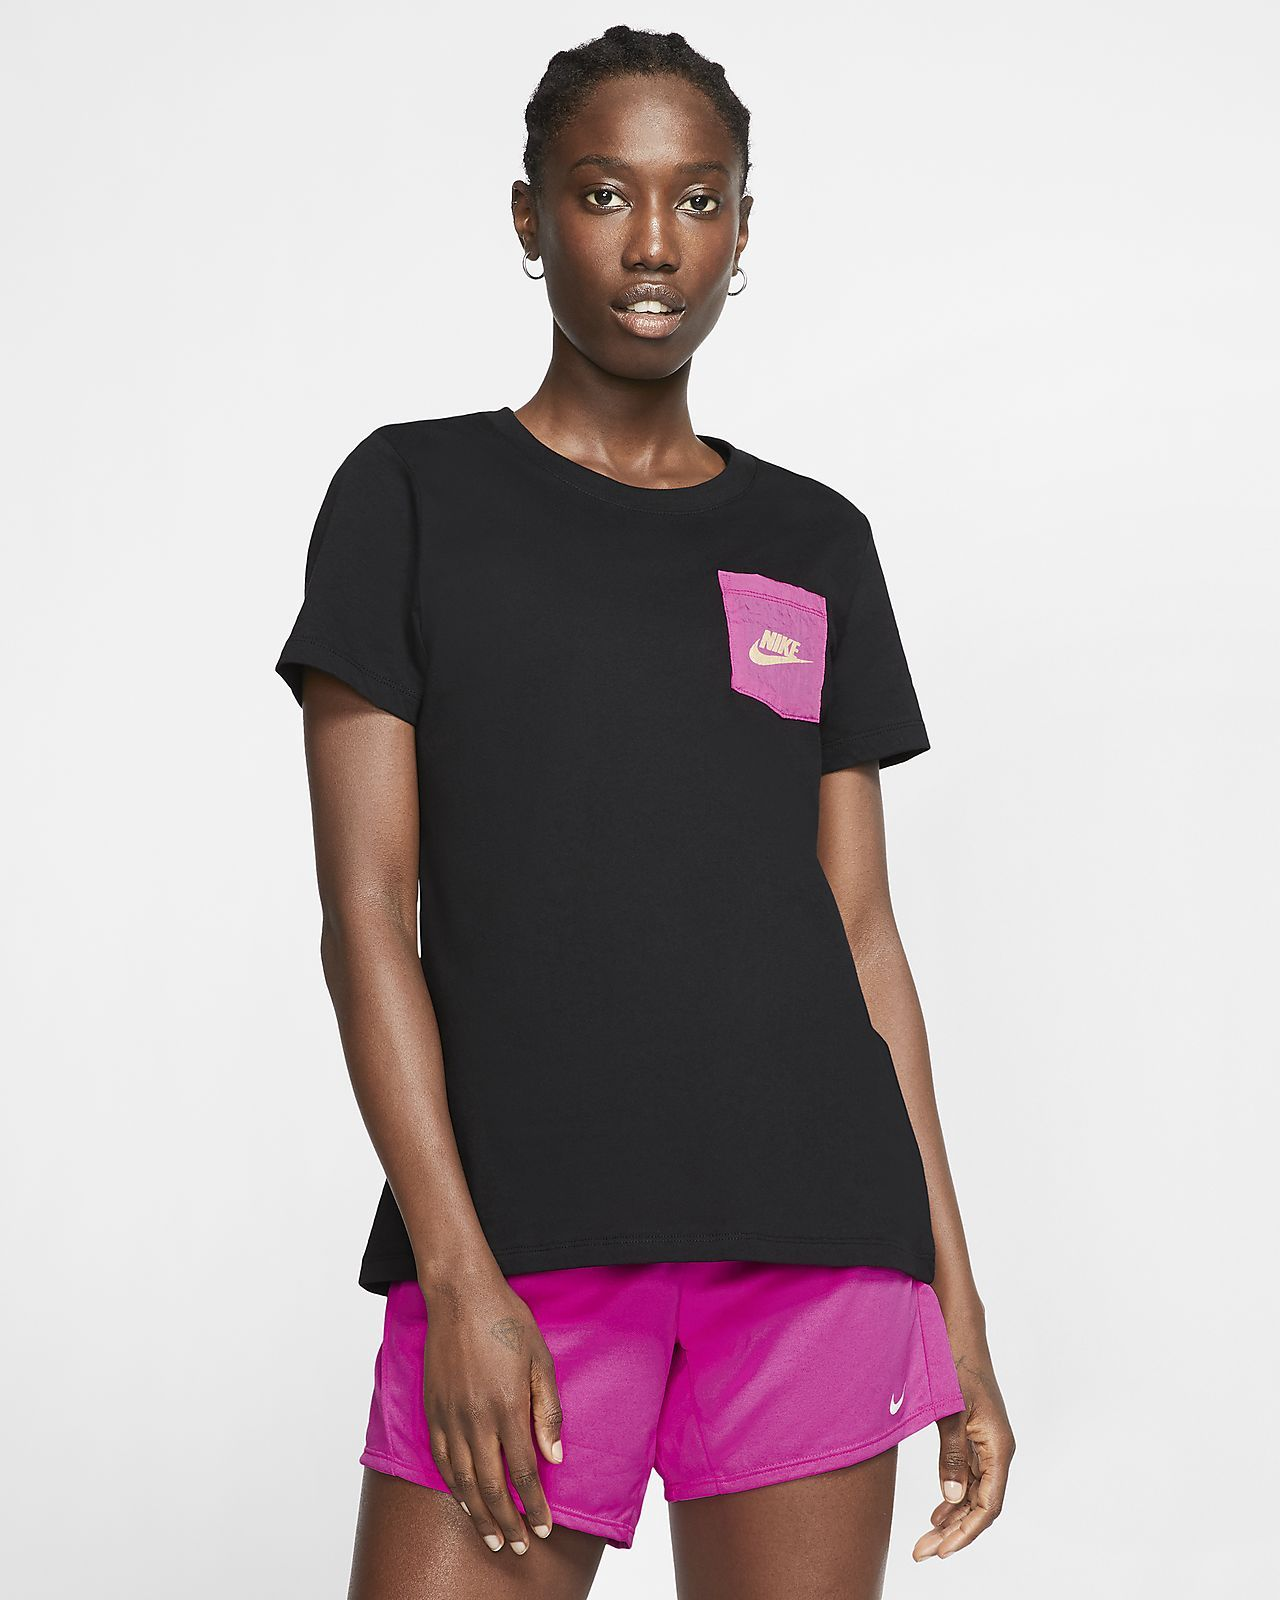 Nike Sportswear Icon Clash Women's TShirt. in